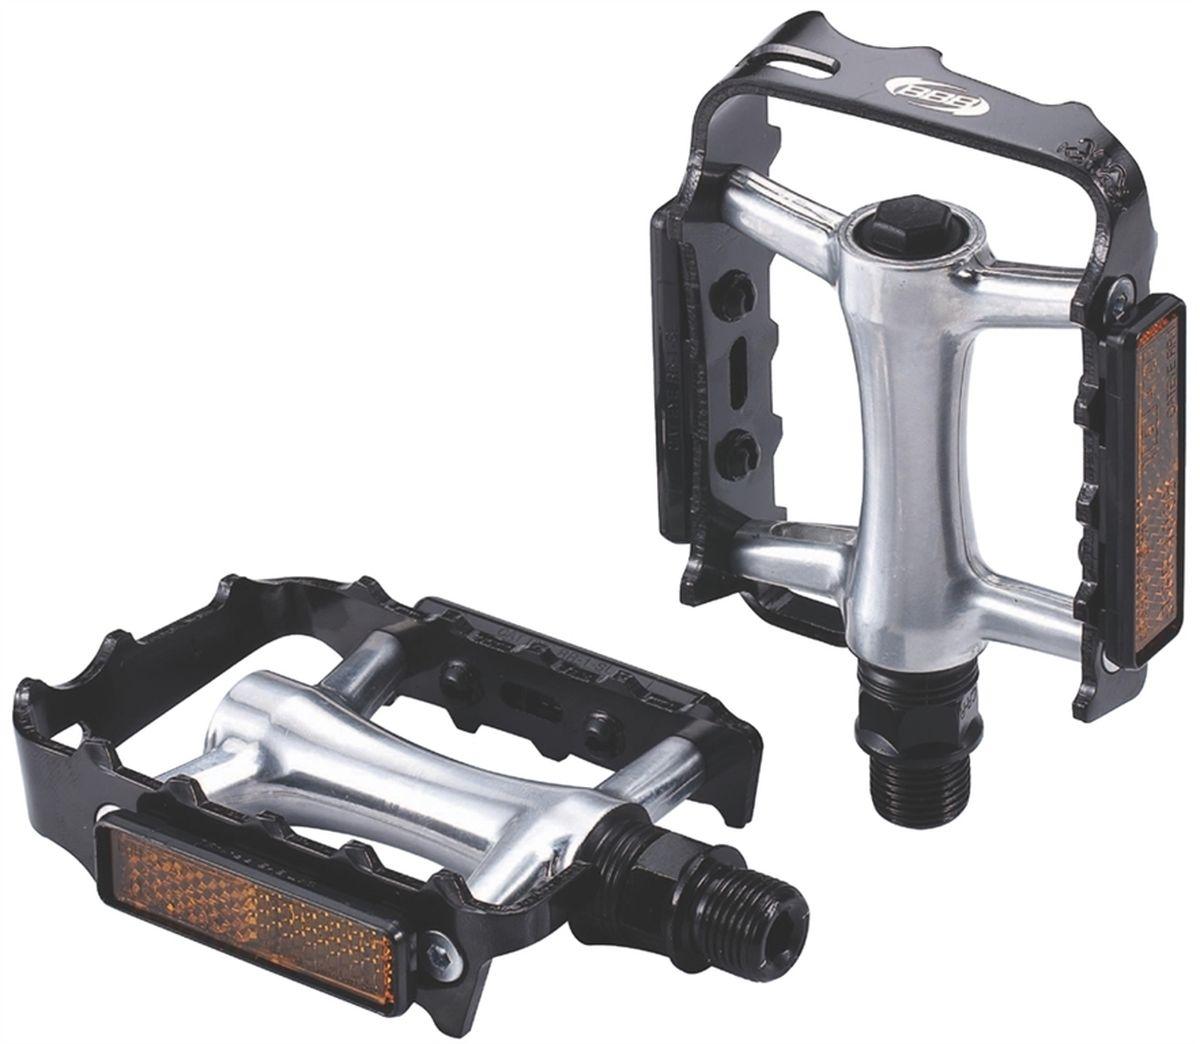 Педали BBB MTB ClassicRide, цвет: черный, 2 штBPD-17Модернизированная версия классических алюминиевых педалей. Прочная ось CrMO. Промышленный подшипники не нуждающиеся в обслуживании. Рамка с зубцами для лучшего контакта. Съемные отражатели для безопасности в темное время суток.